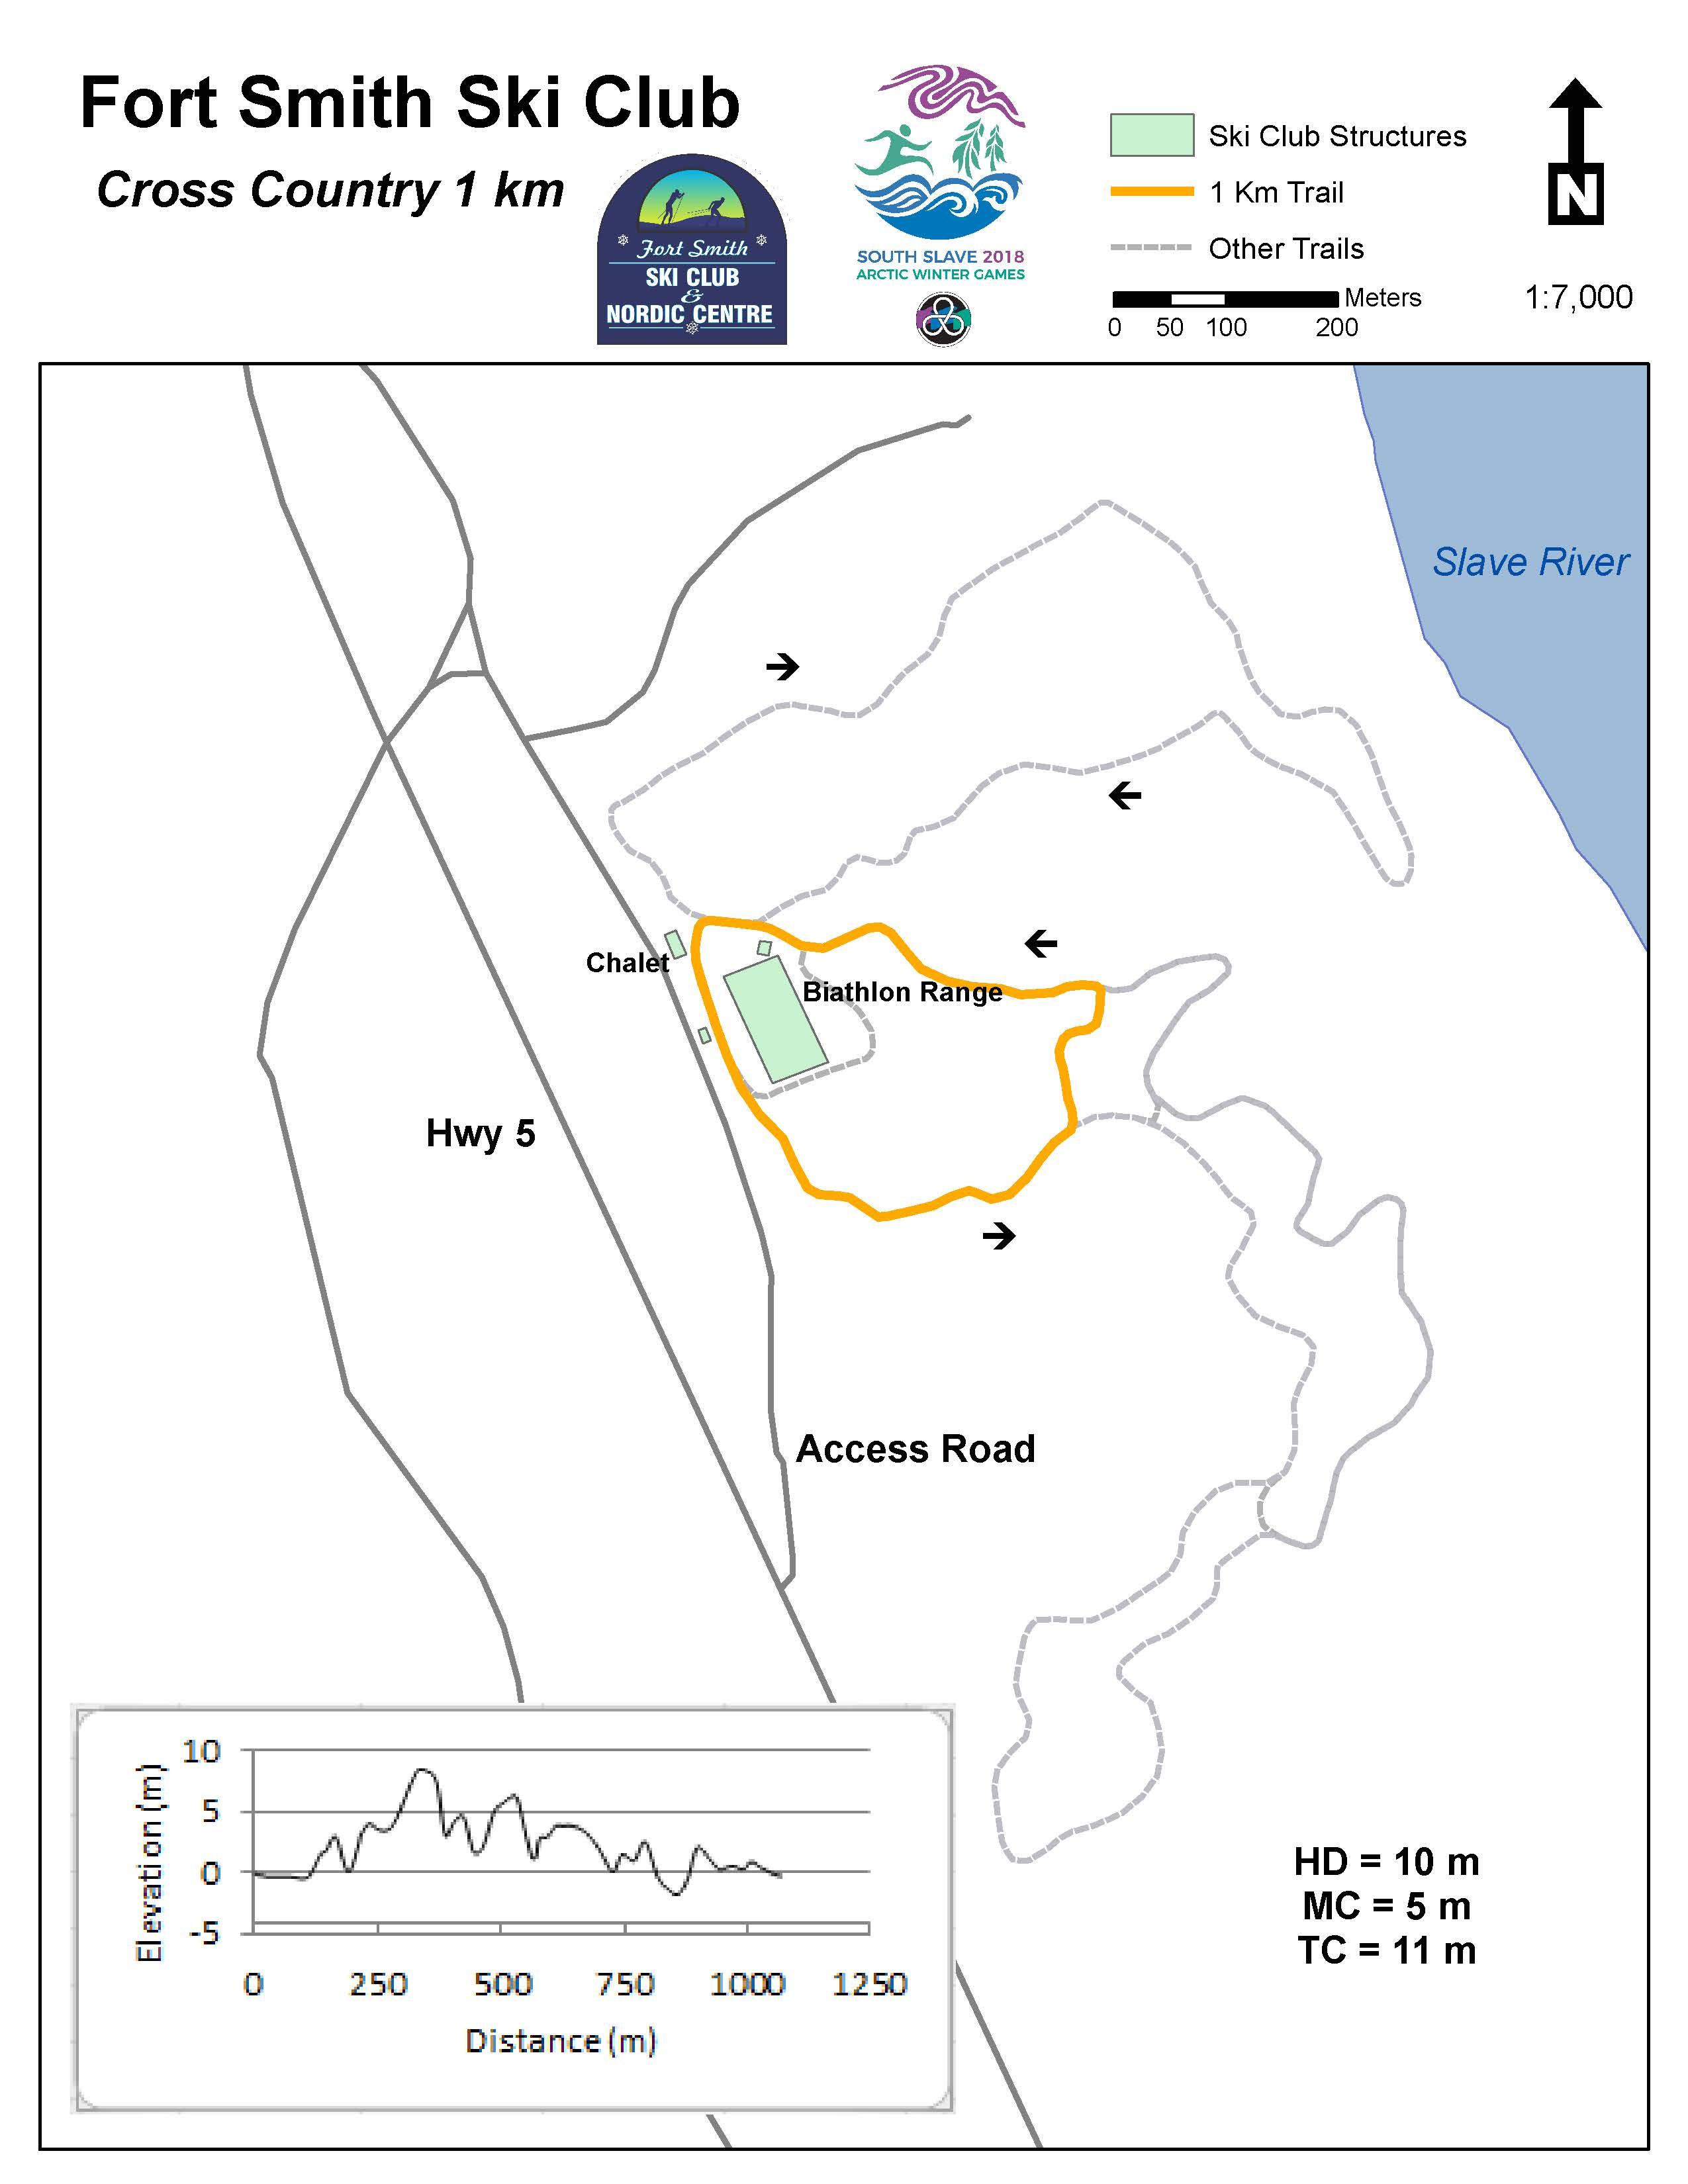 FSSC 1Km Trail